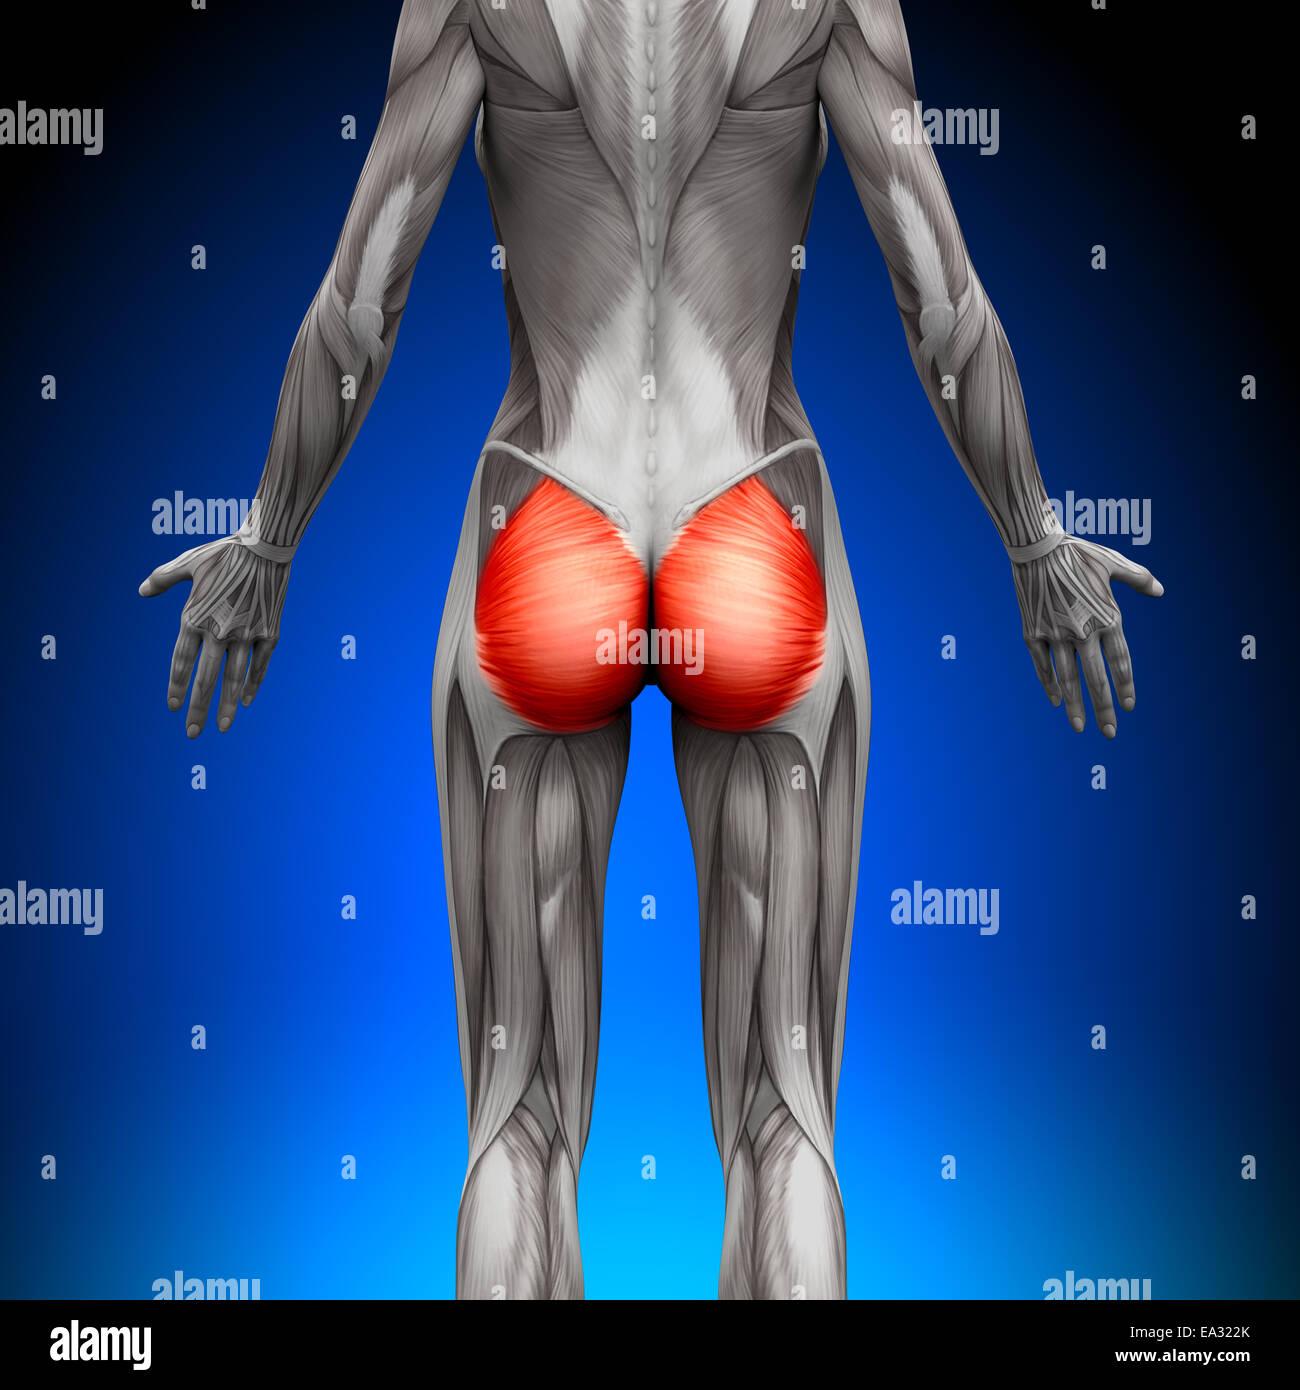 Gesäß / Gluteus Maximus - weibliche Anatomie Muskeln Stockfoto, Bild ...